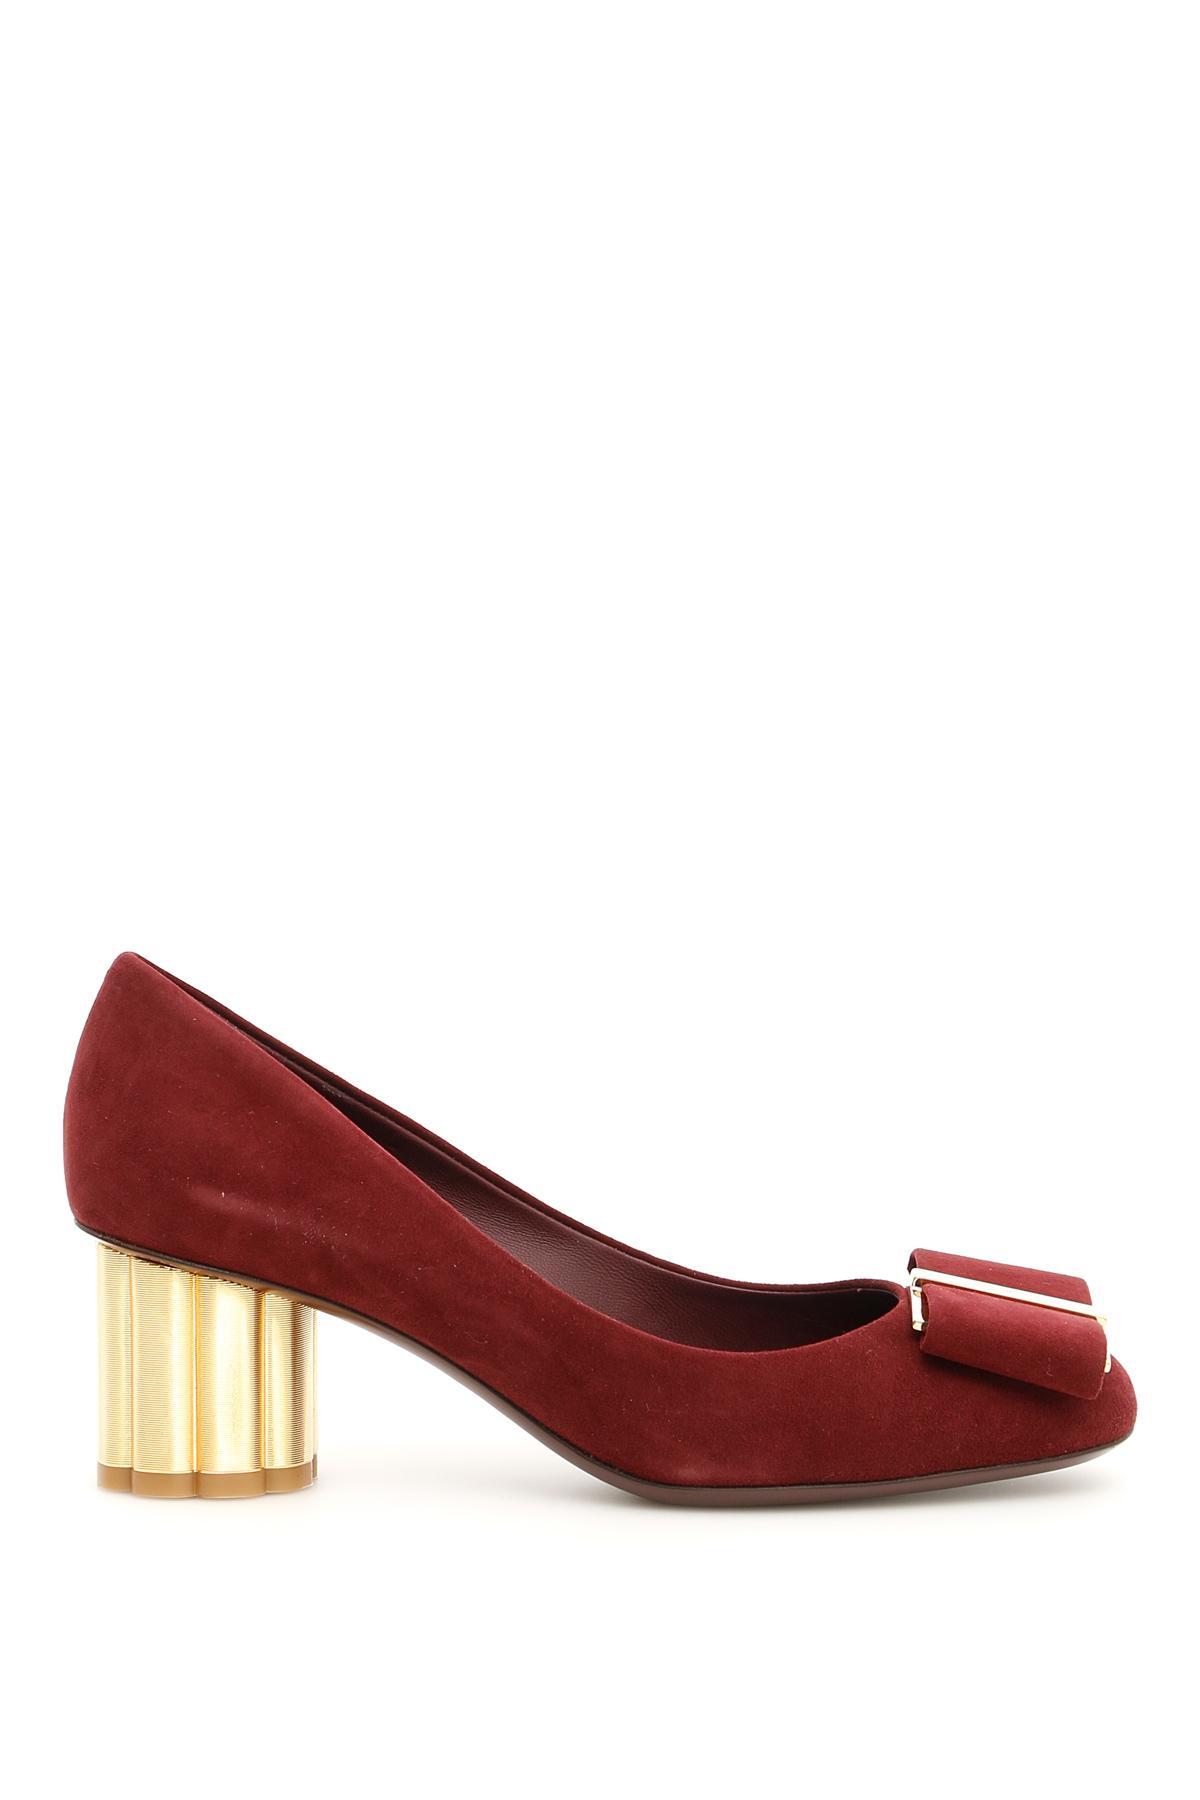 6c054eef6dbc Salvatore Ferragamo Women s Shoes price in Malaysia - Best Salvatore  Ferragamo Women s Shoes